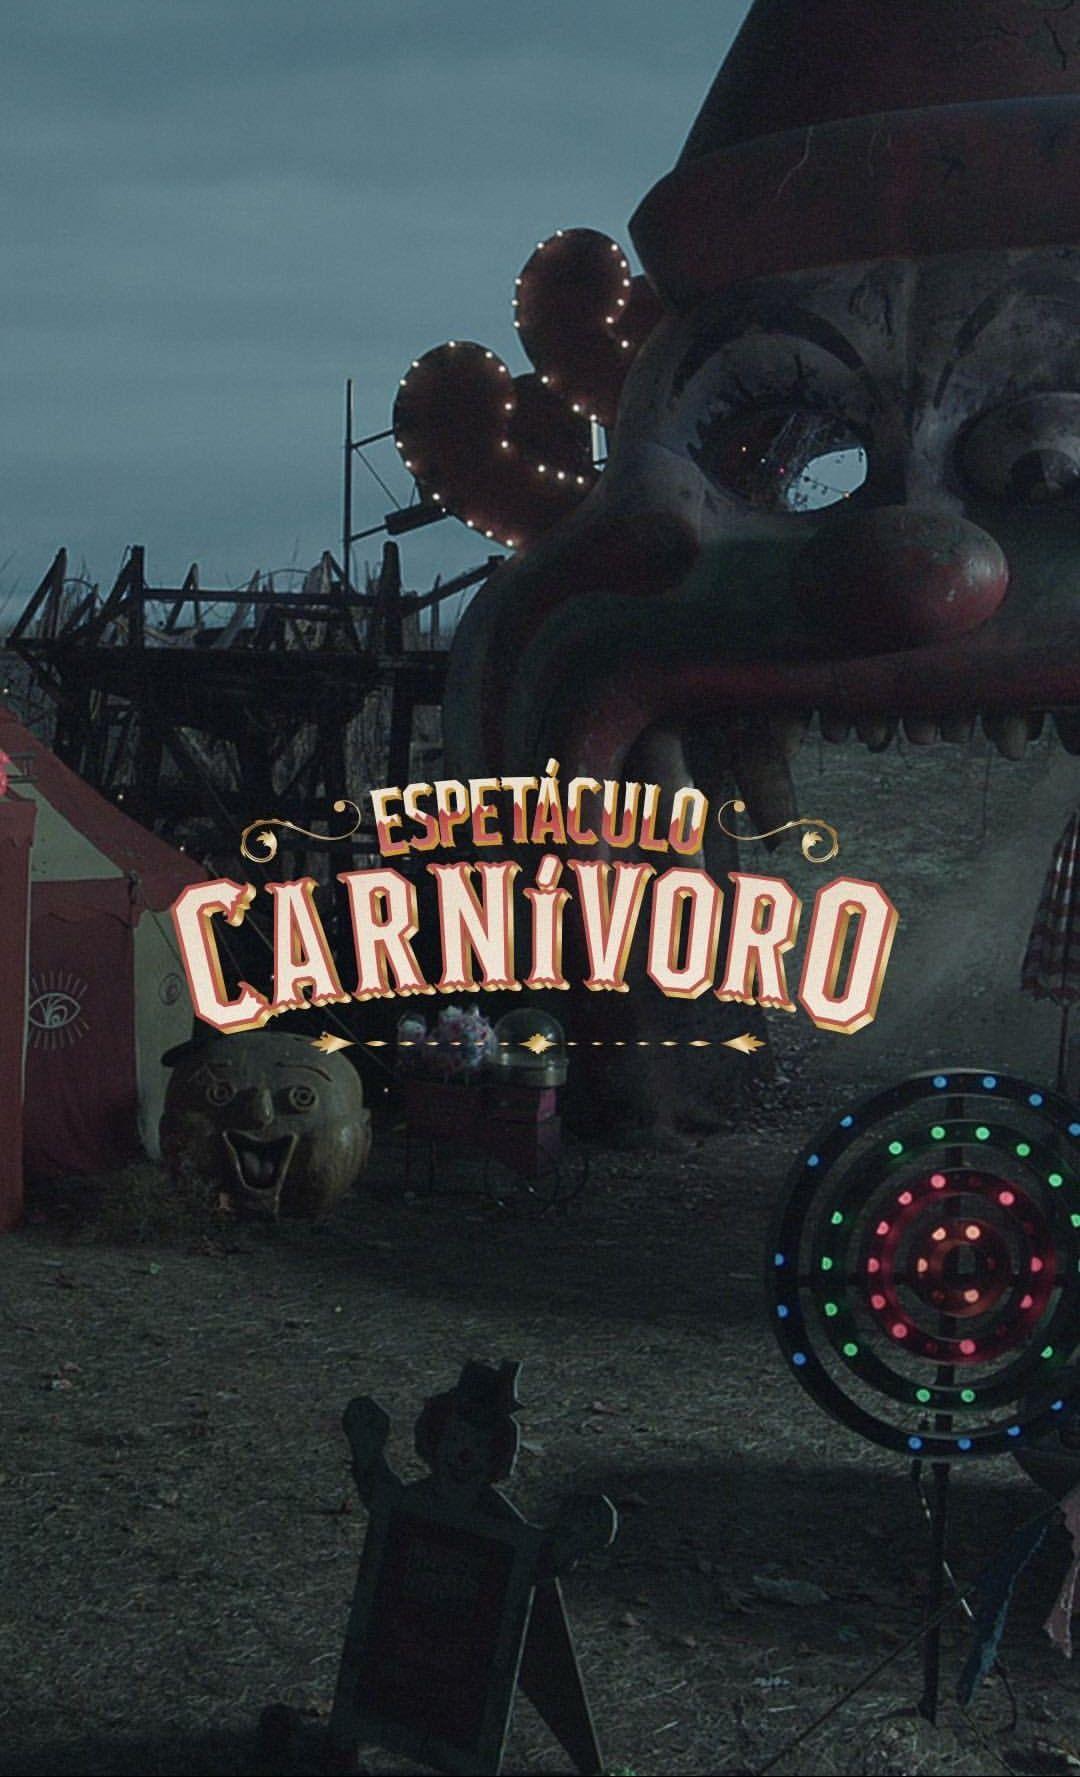 Wallpaper De Desventuras Em Serie Desventuras Em Serie Desventuras Em Serie Netflix Desaventuras Em Serie